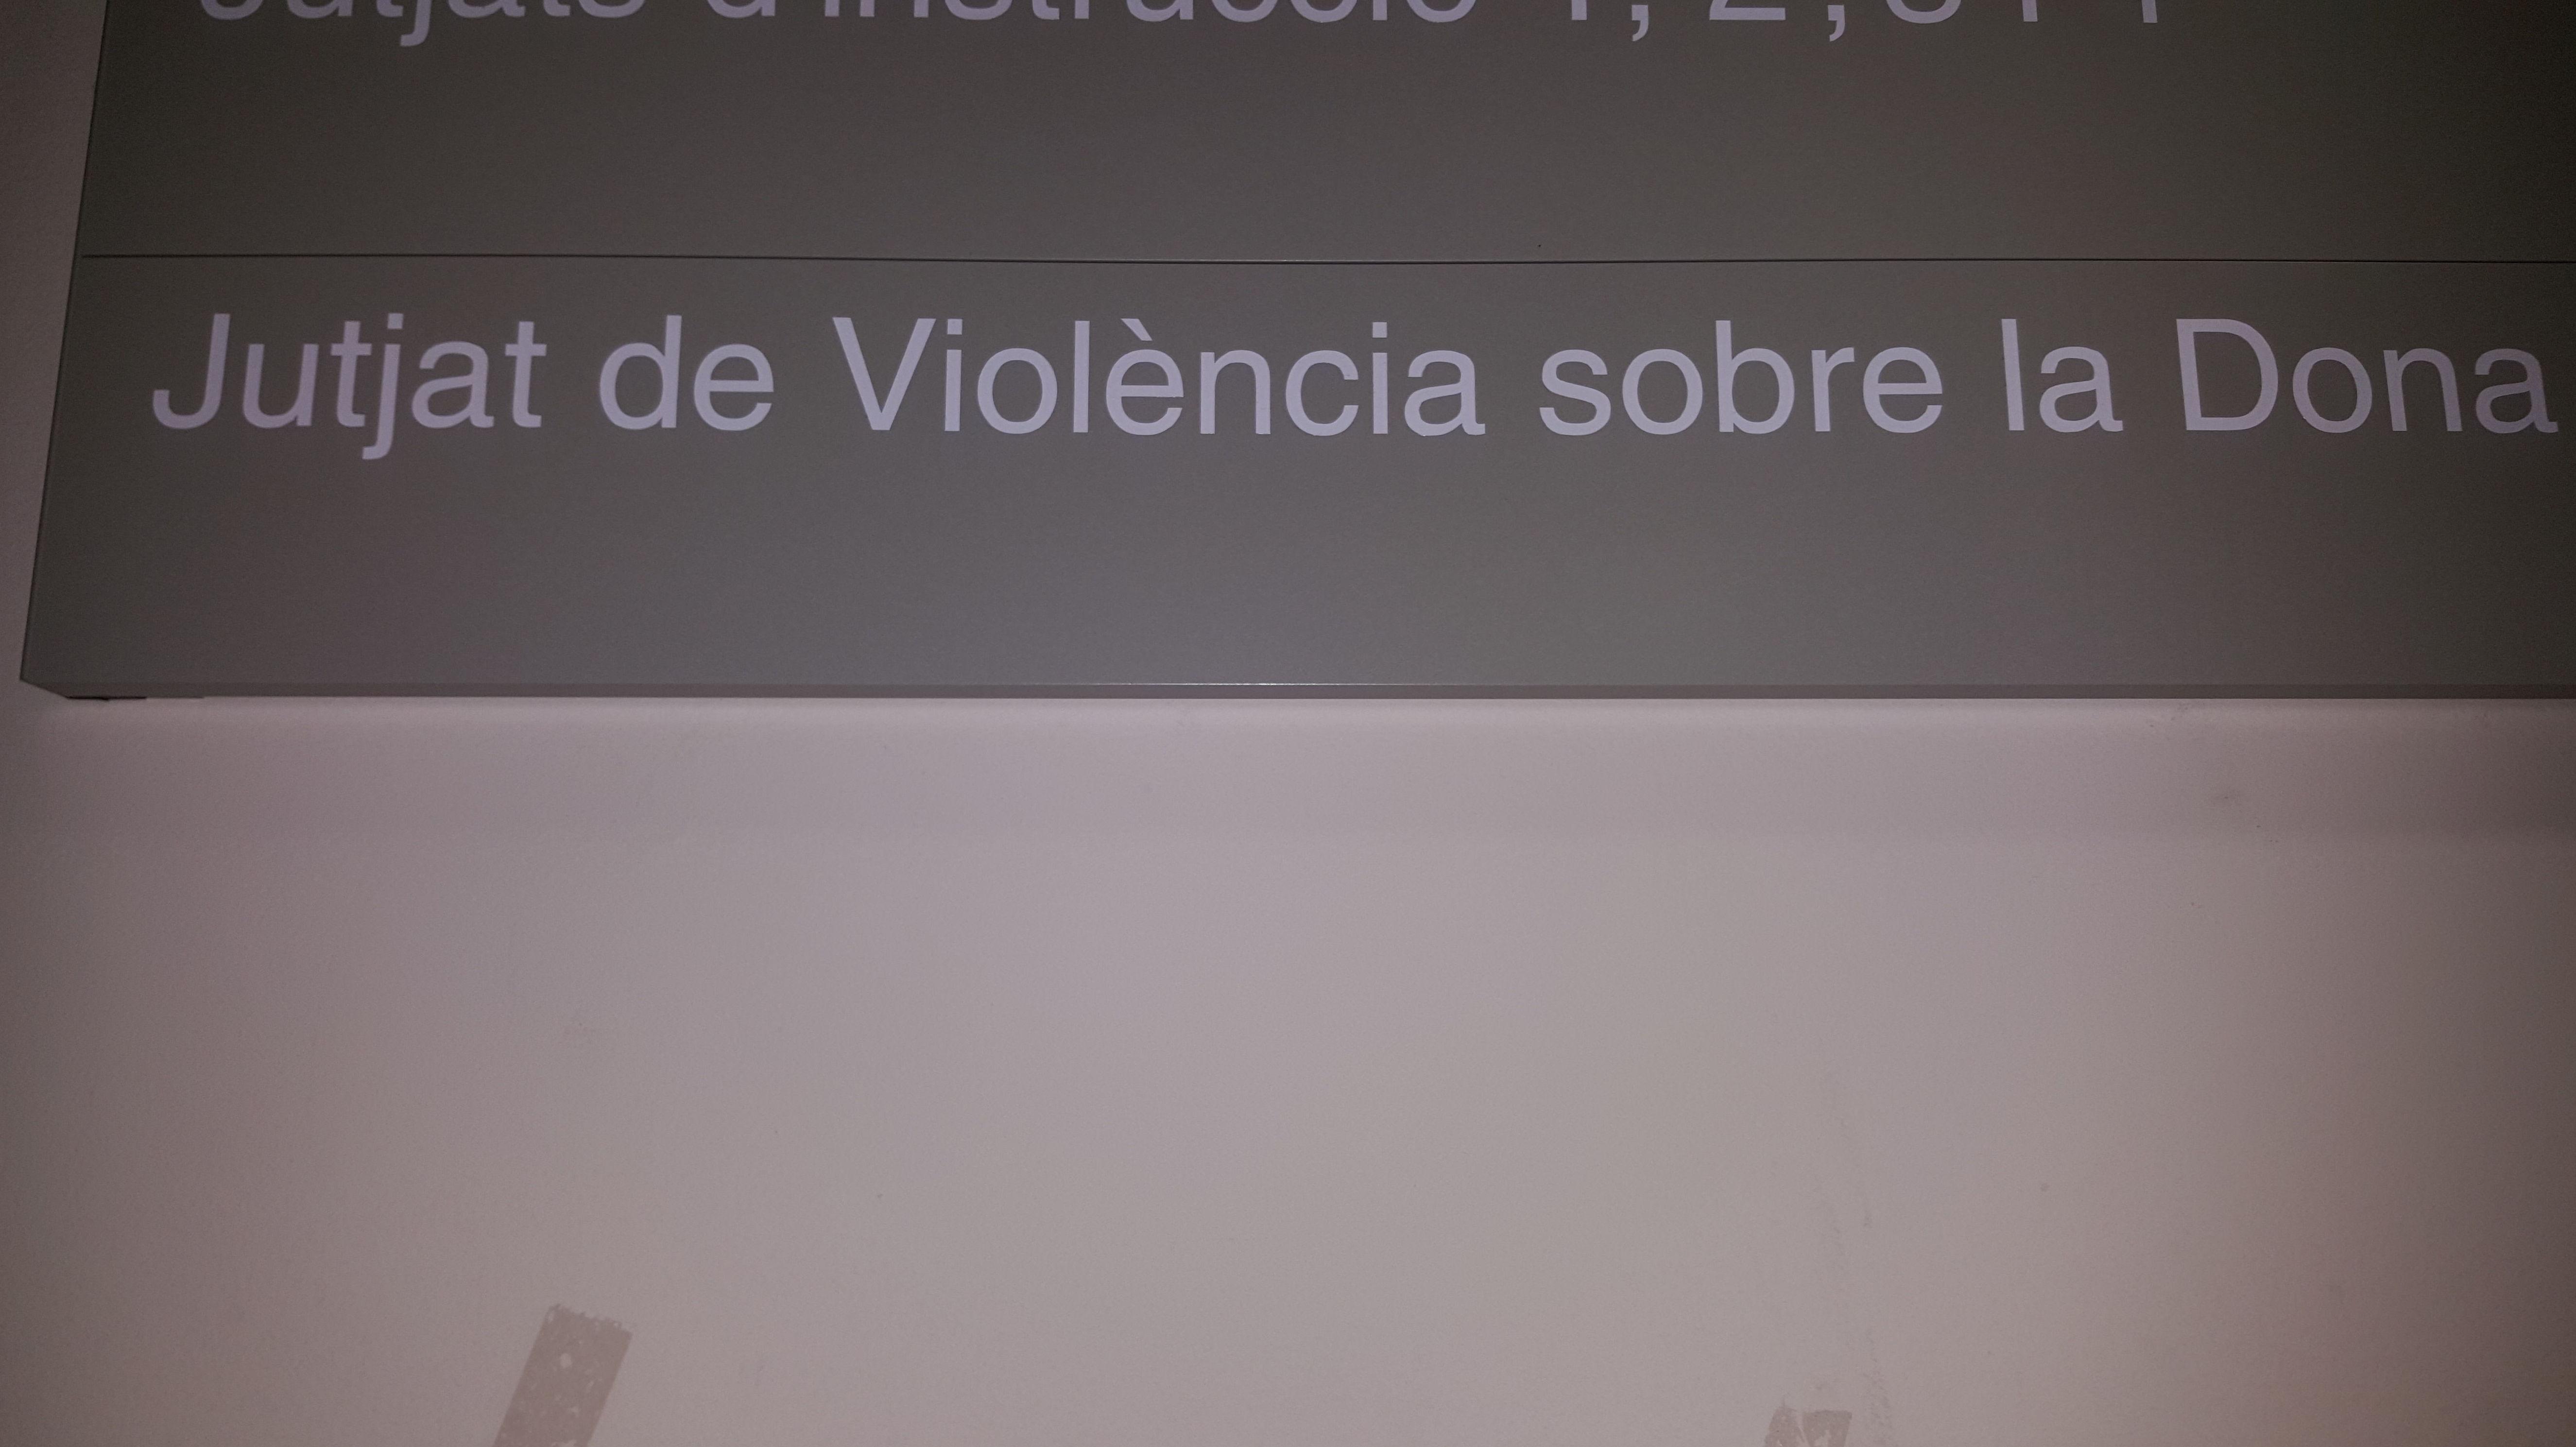 Jutjat Violència sobre la Dona